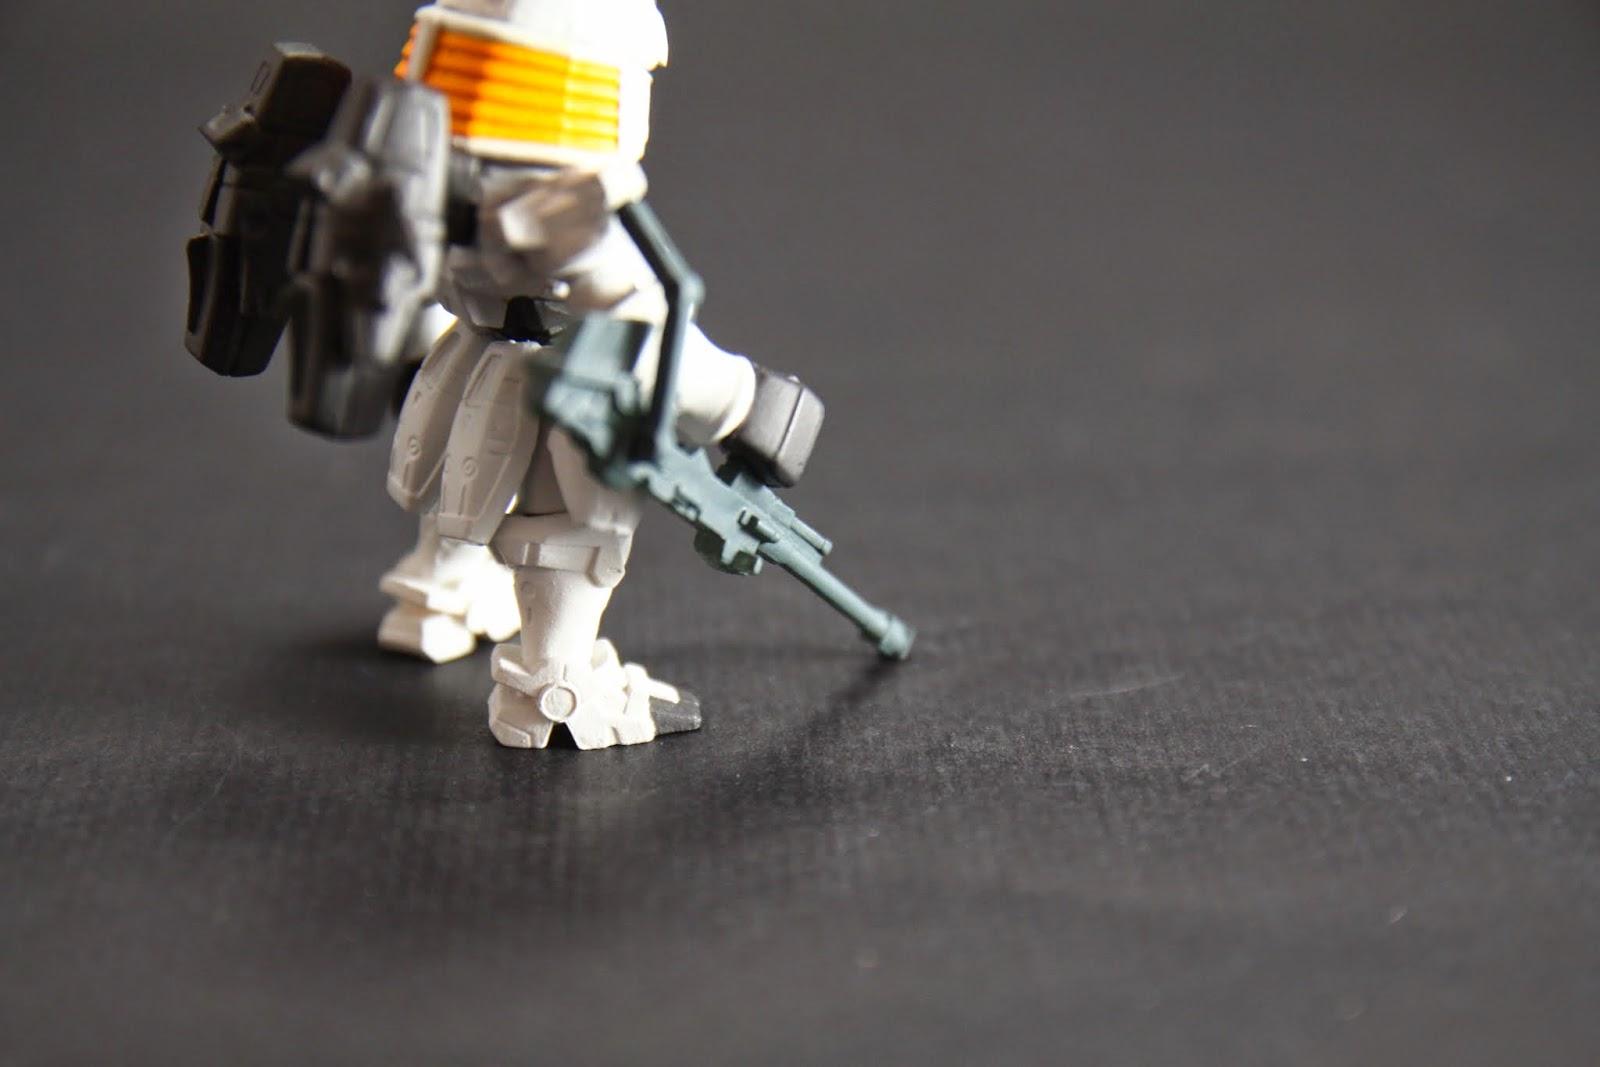 主要武器的這管炮有點歪 這也請洽品管部門